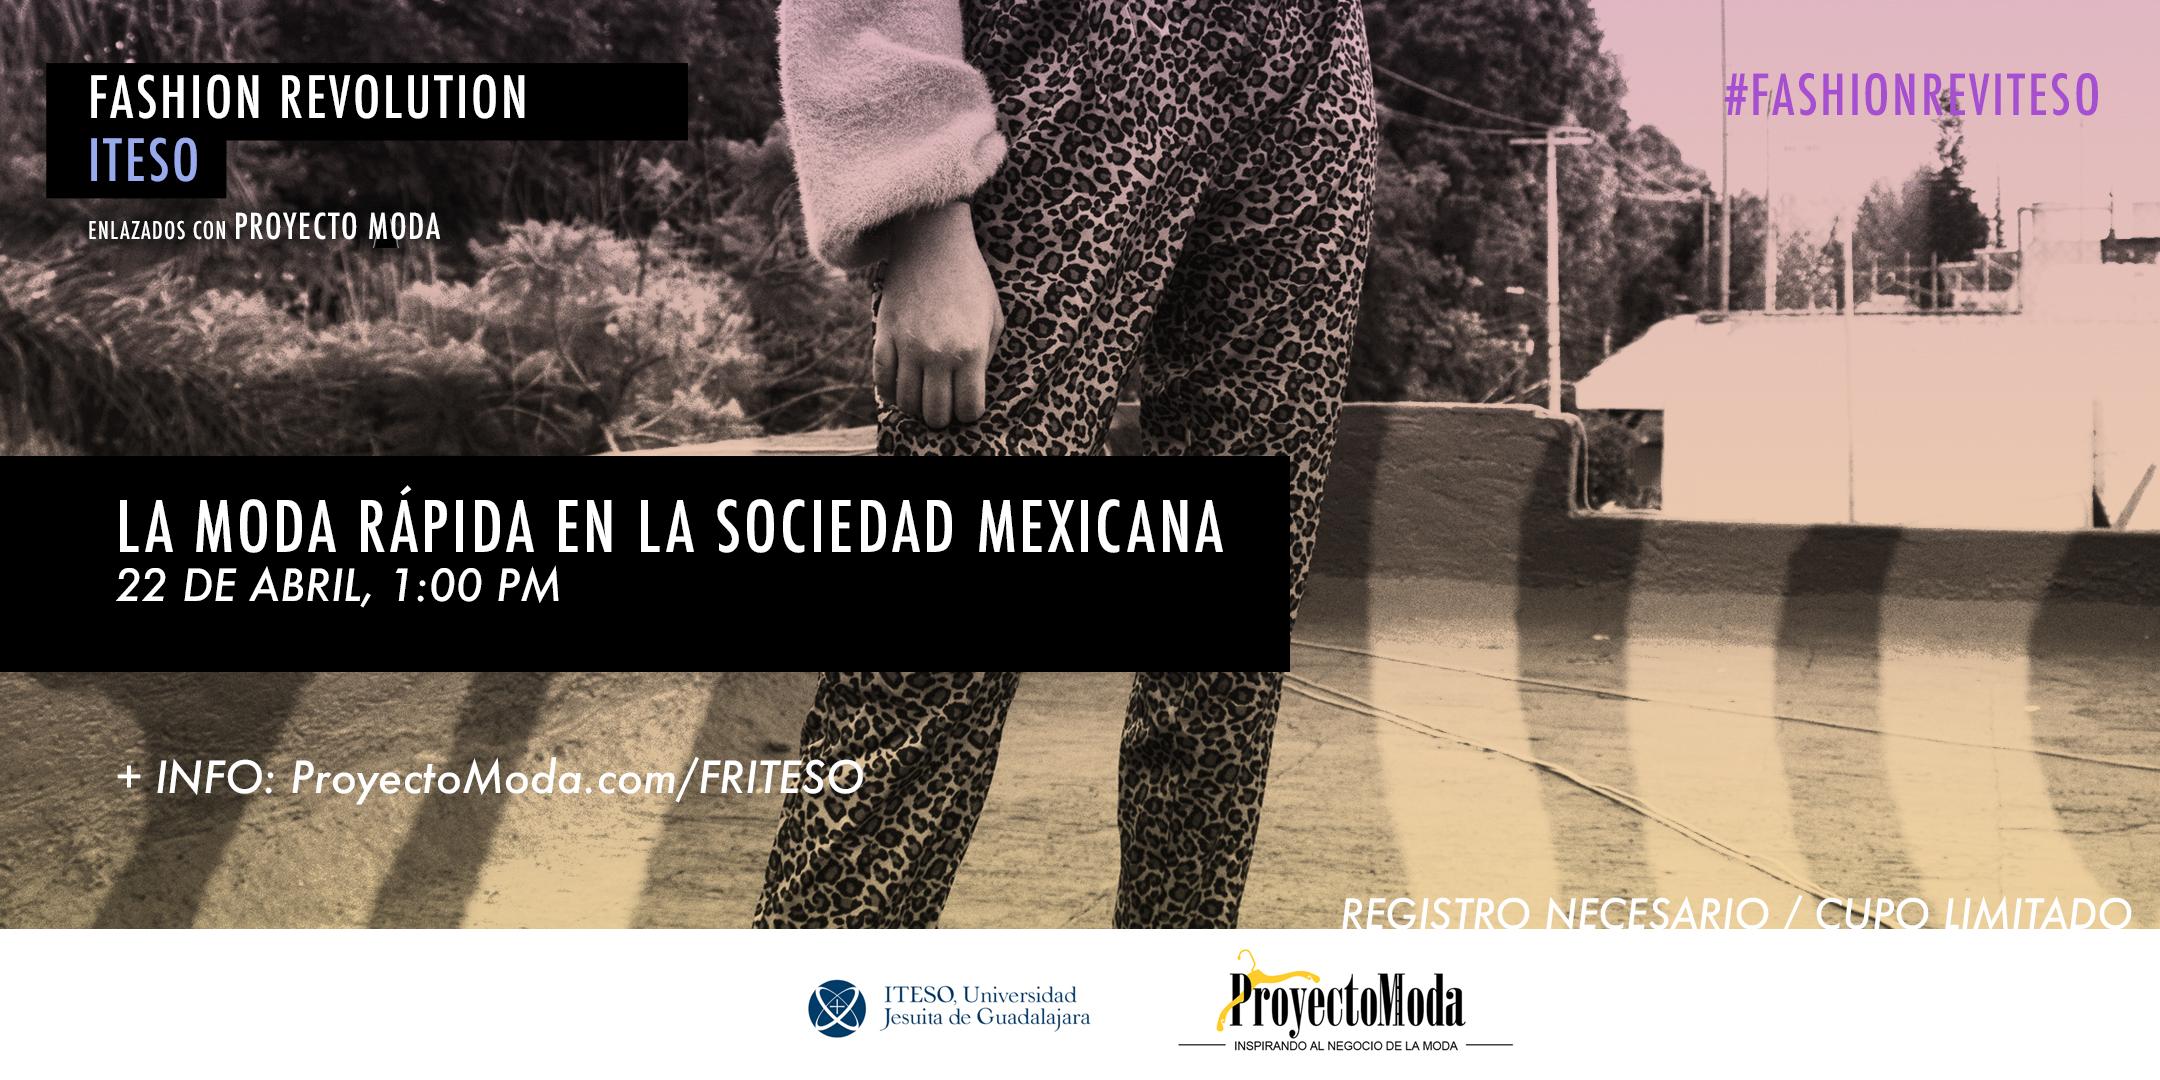 me_portada_eventbrite_2020_segmentacion_03